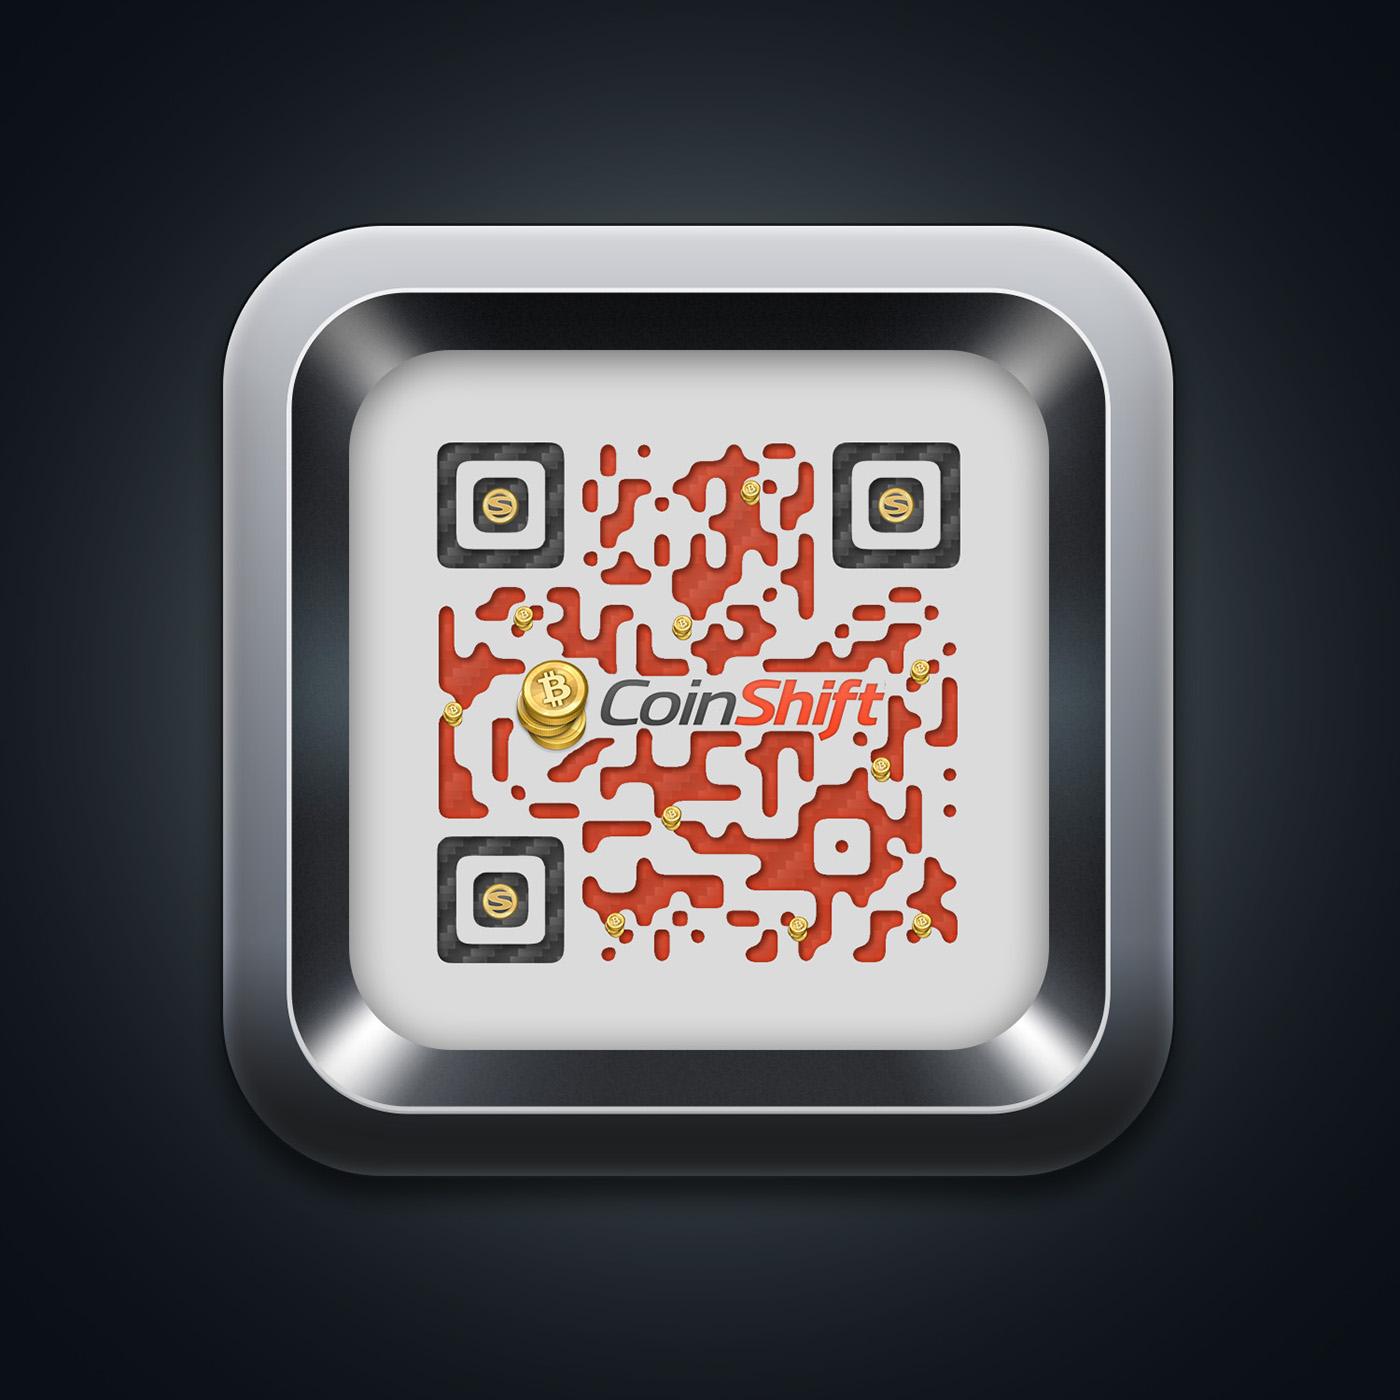 細緻的25個QRcode設計欣賞